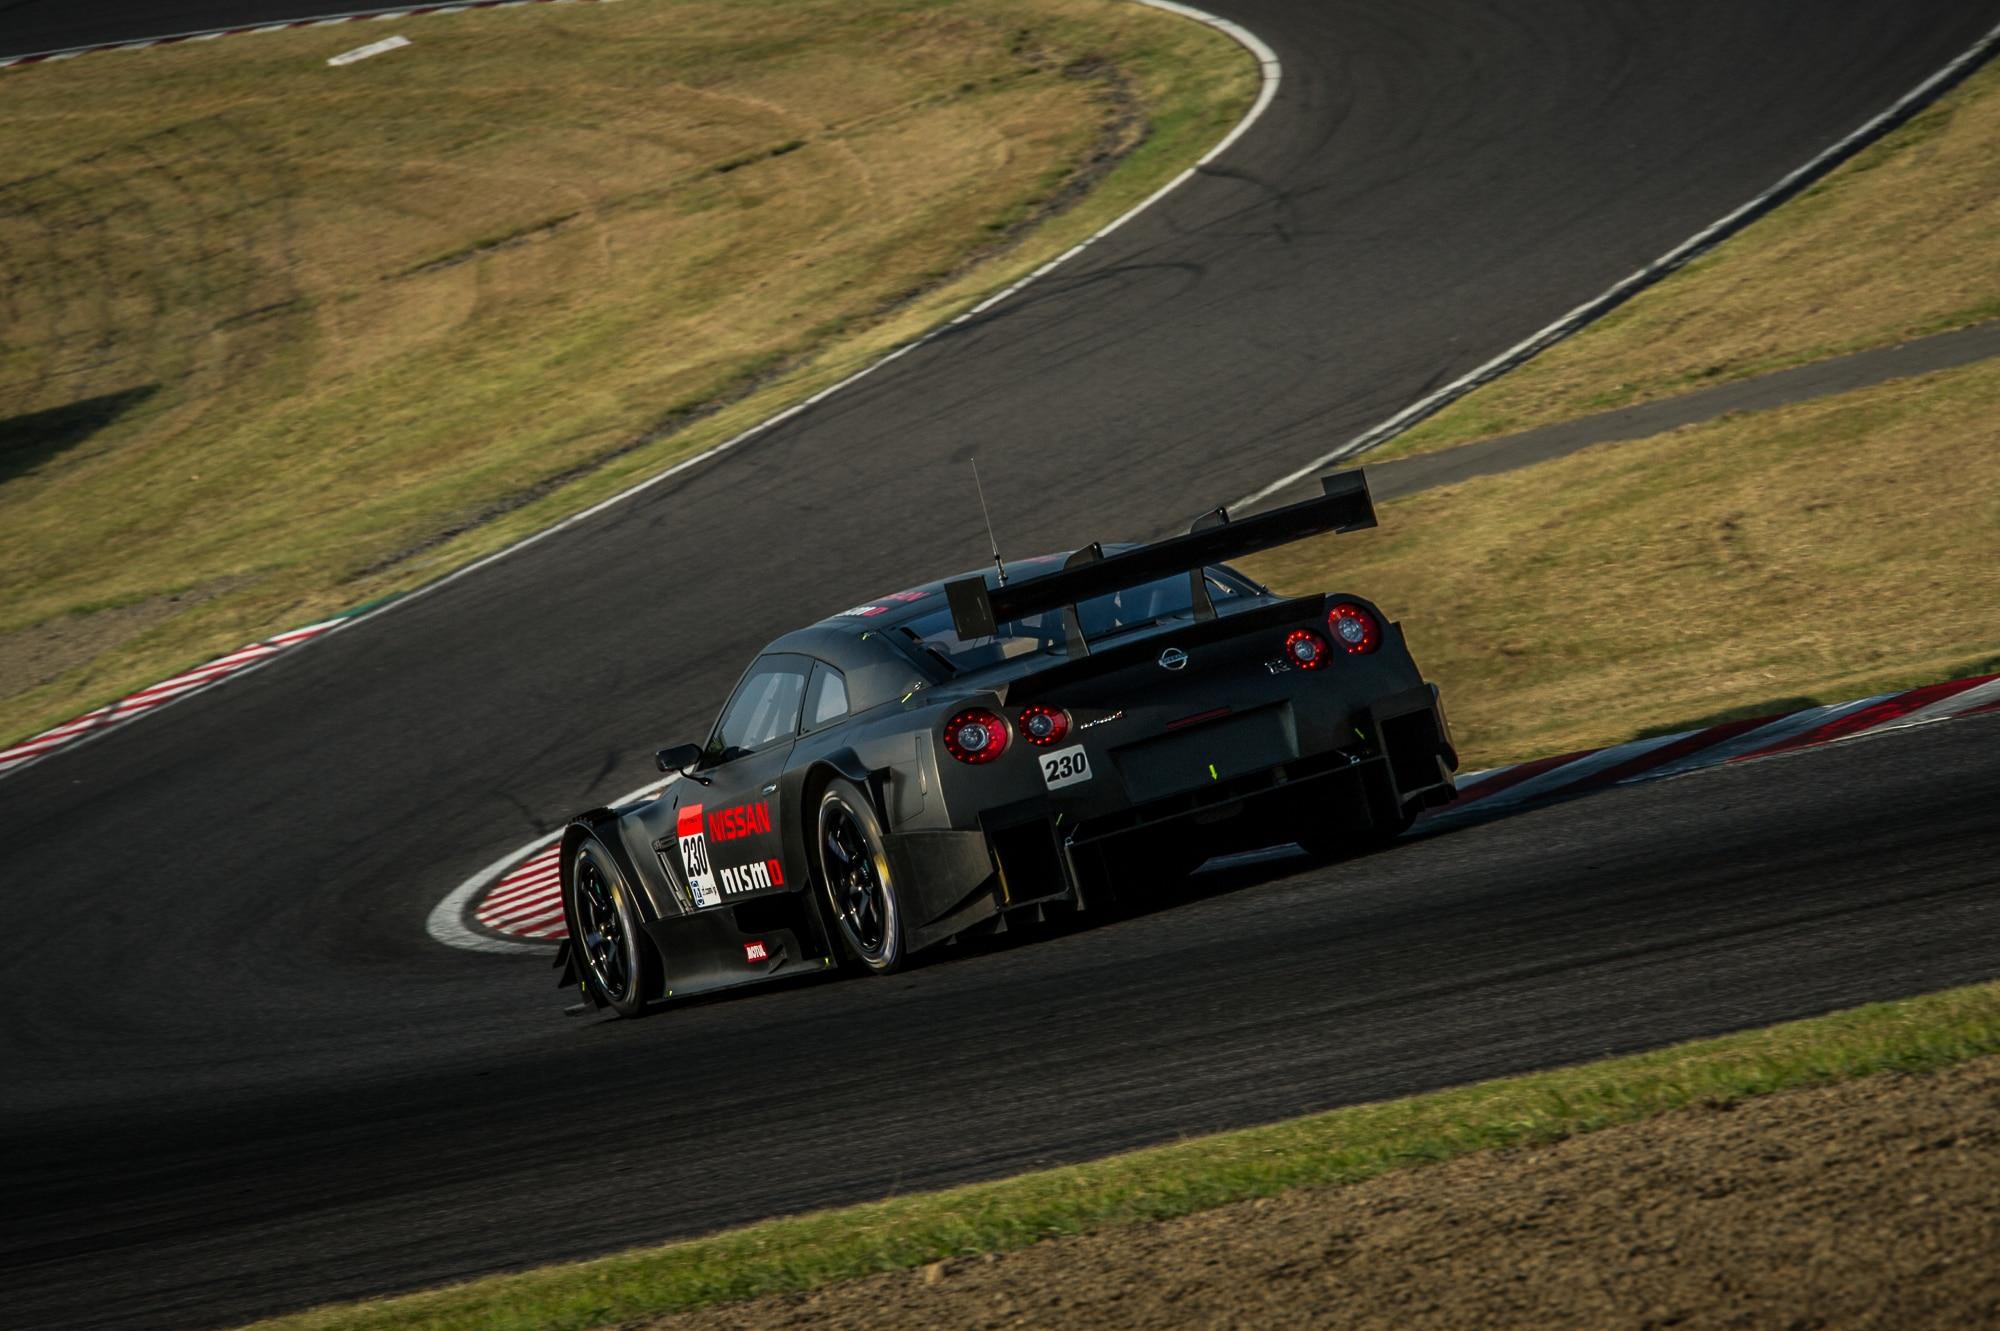 2014 Nissan Gtr Nismo Gt500 Rear Angle1